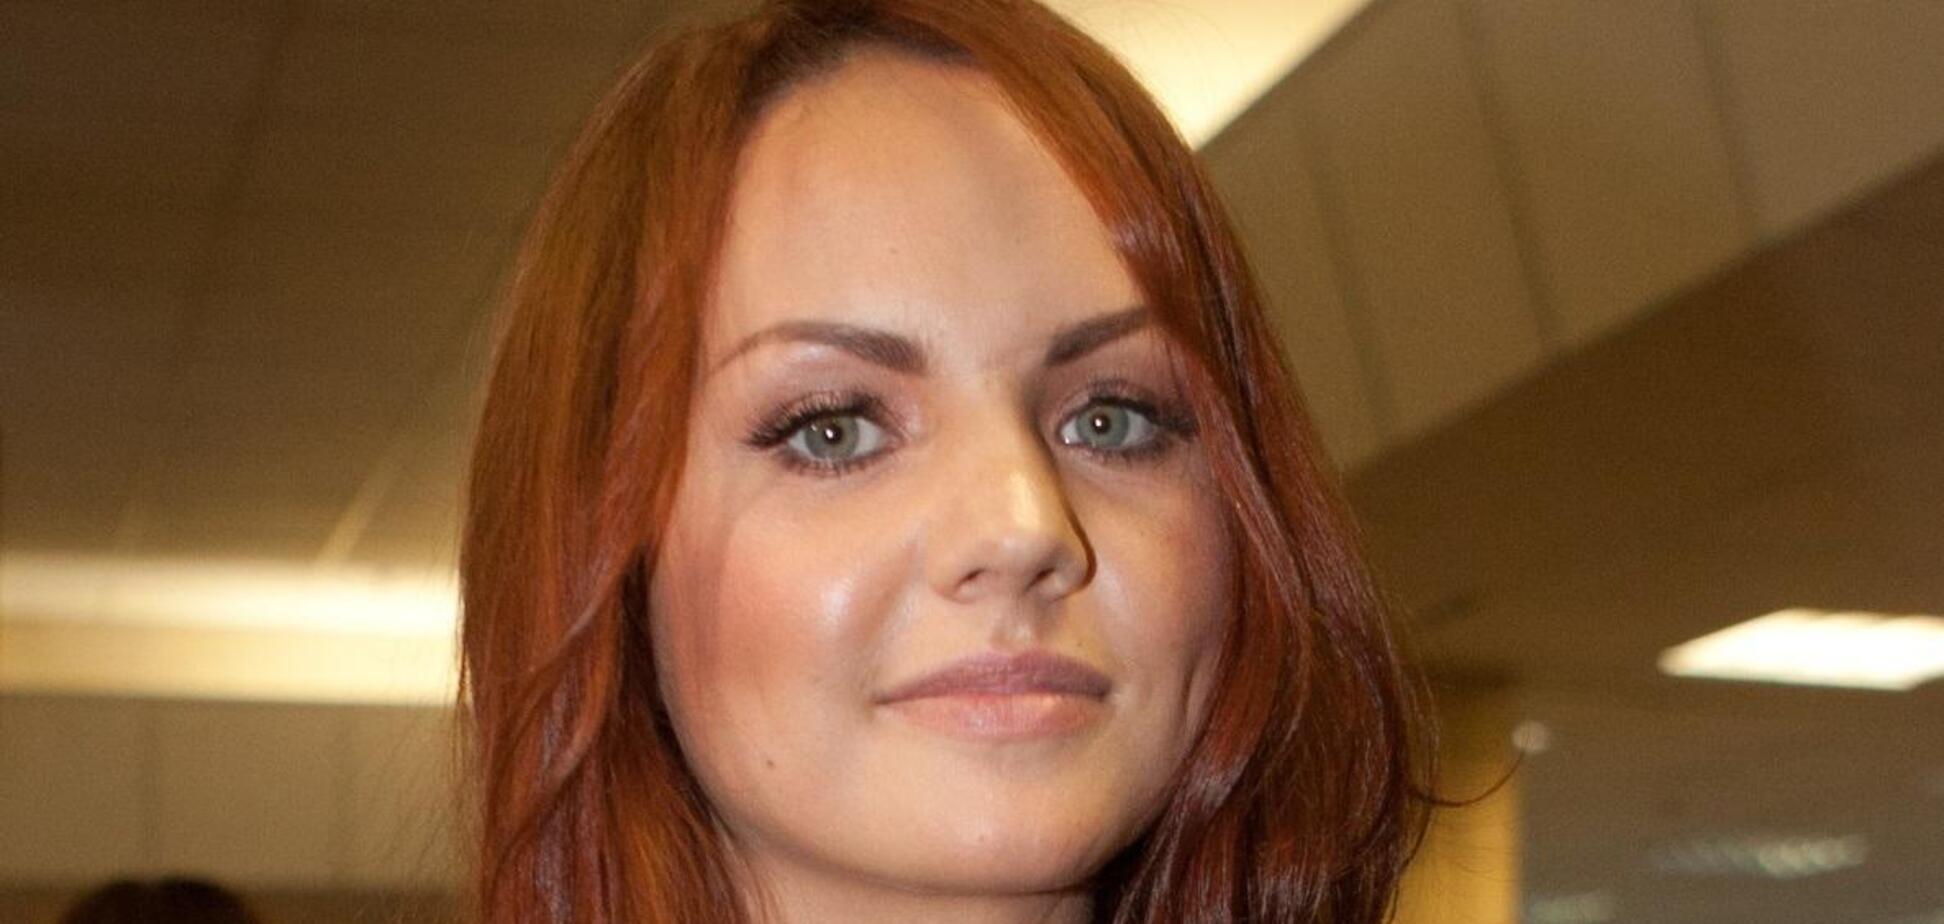 Співачку МакSим намагалися відключити від ЕКМО, але вона не змогла дихати – ЗМІ